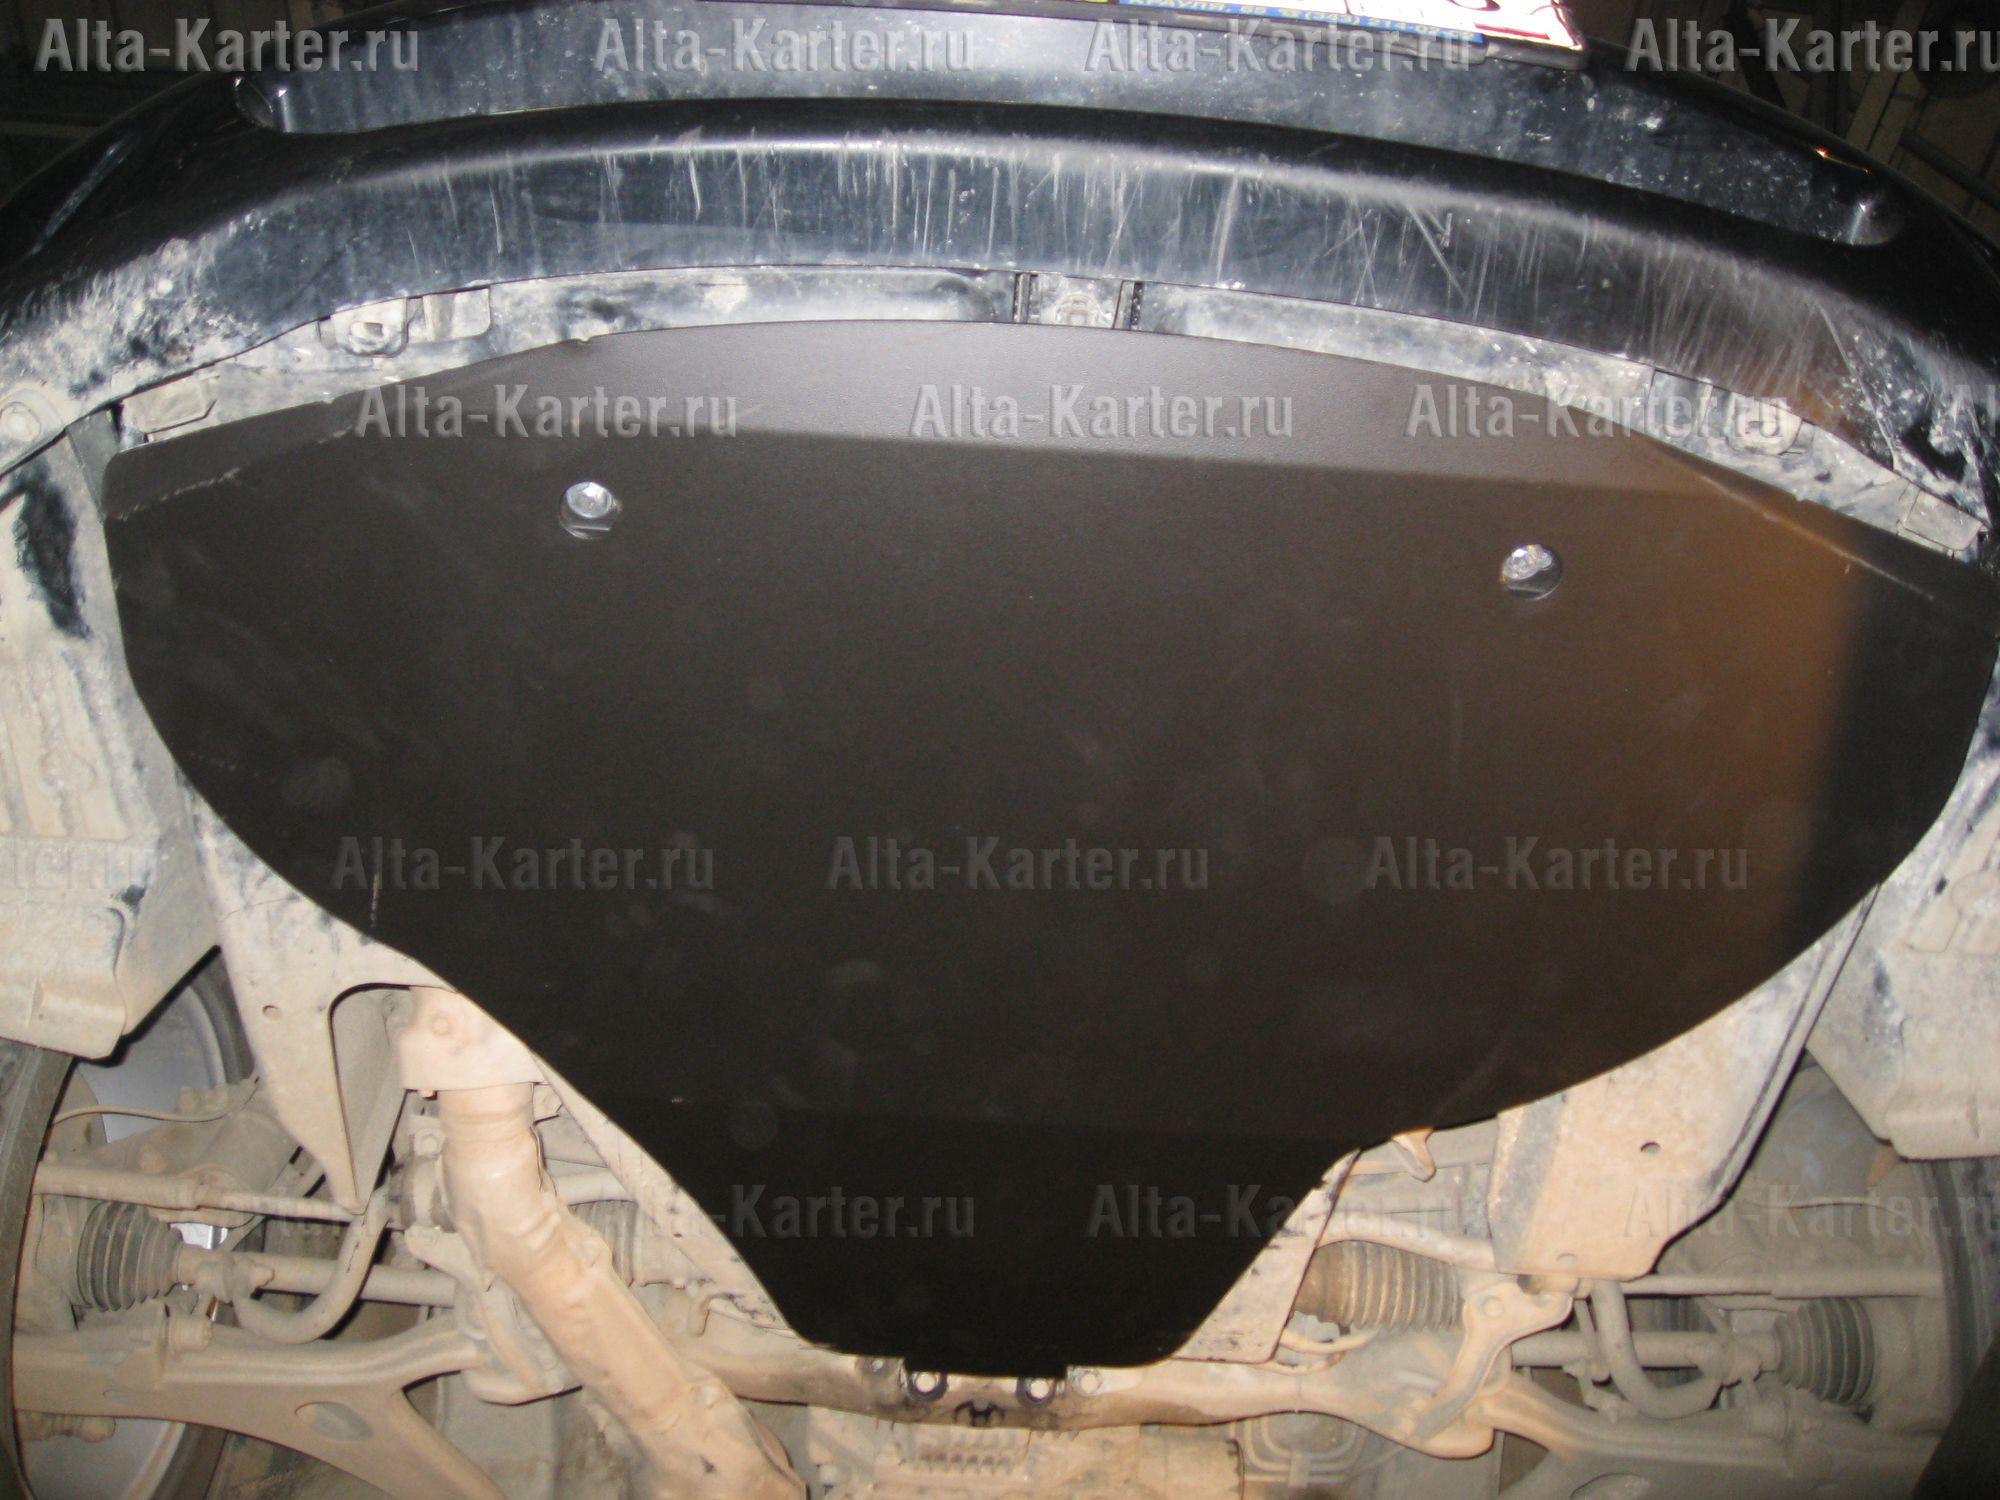 Защита Alfeco для картера (большая) Subaru Legacy IV 2003-2009. Артикул ALF.22.07